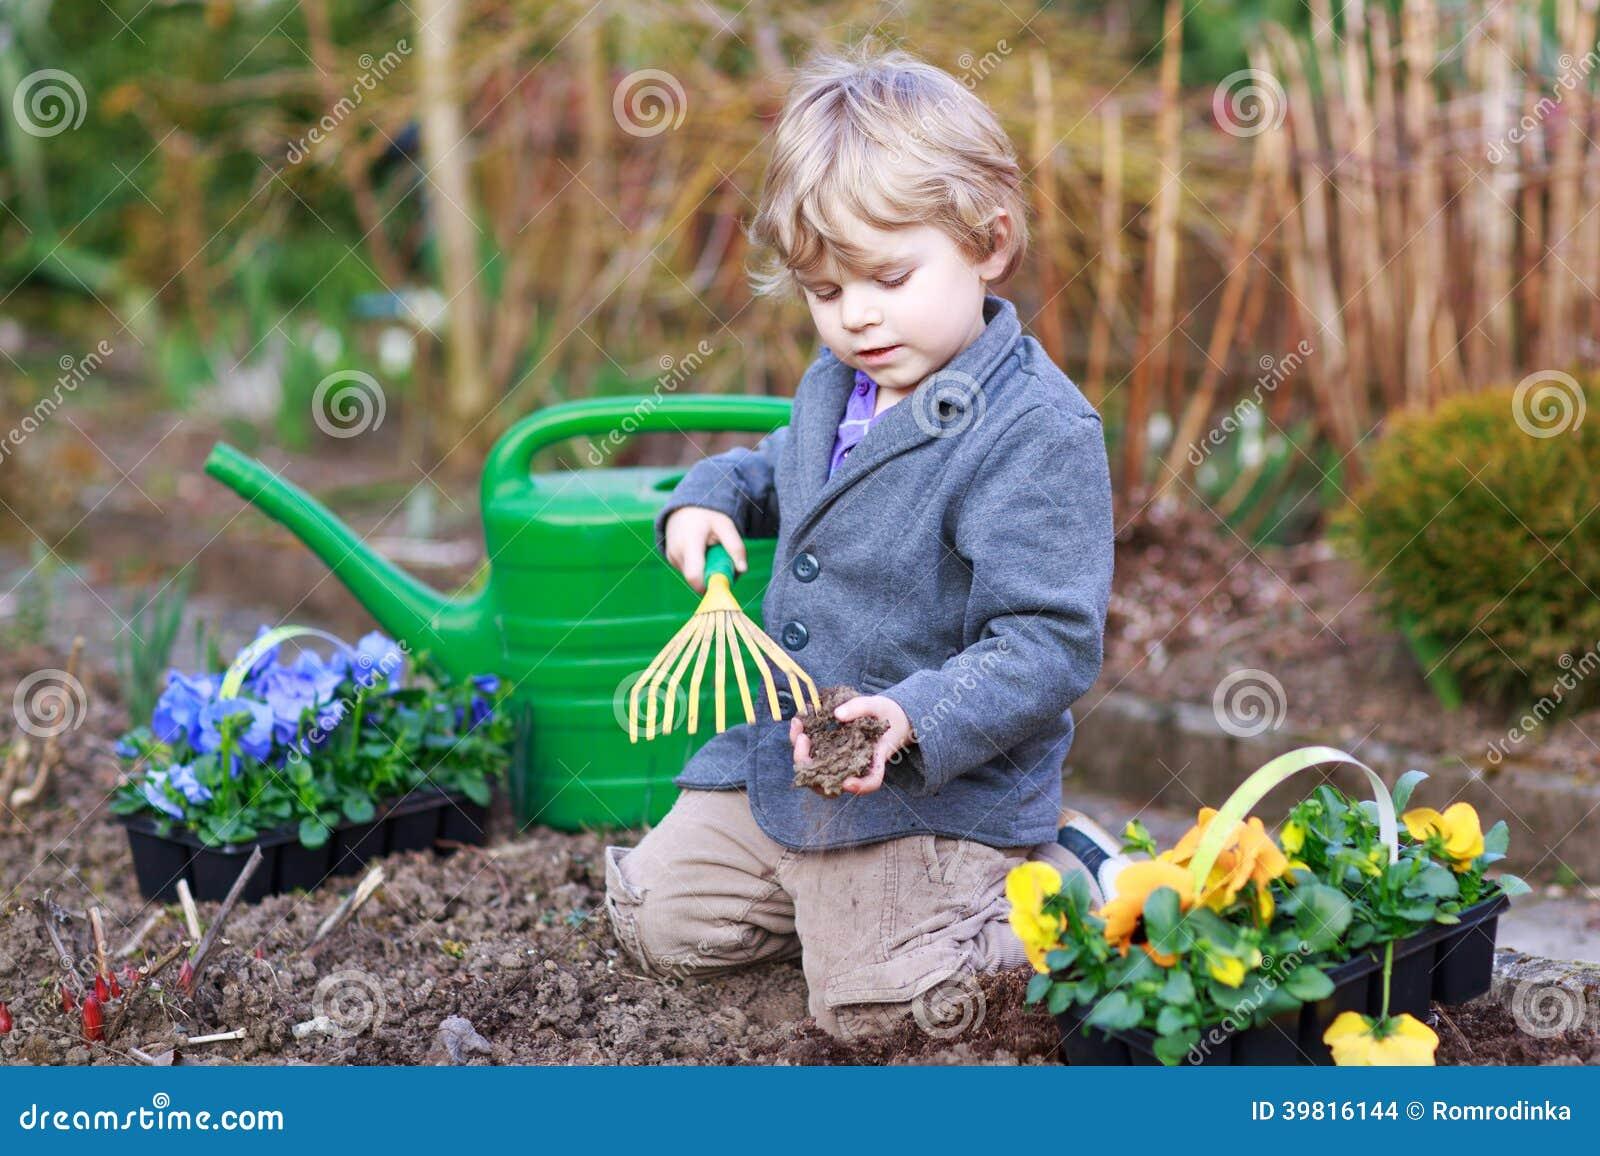 Boy Models Garden Of Flowers